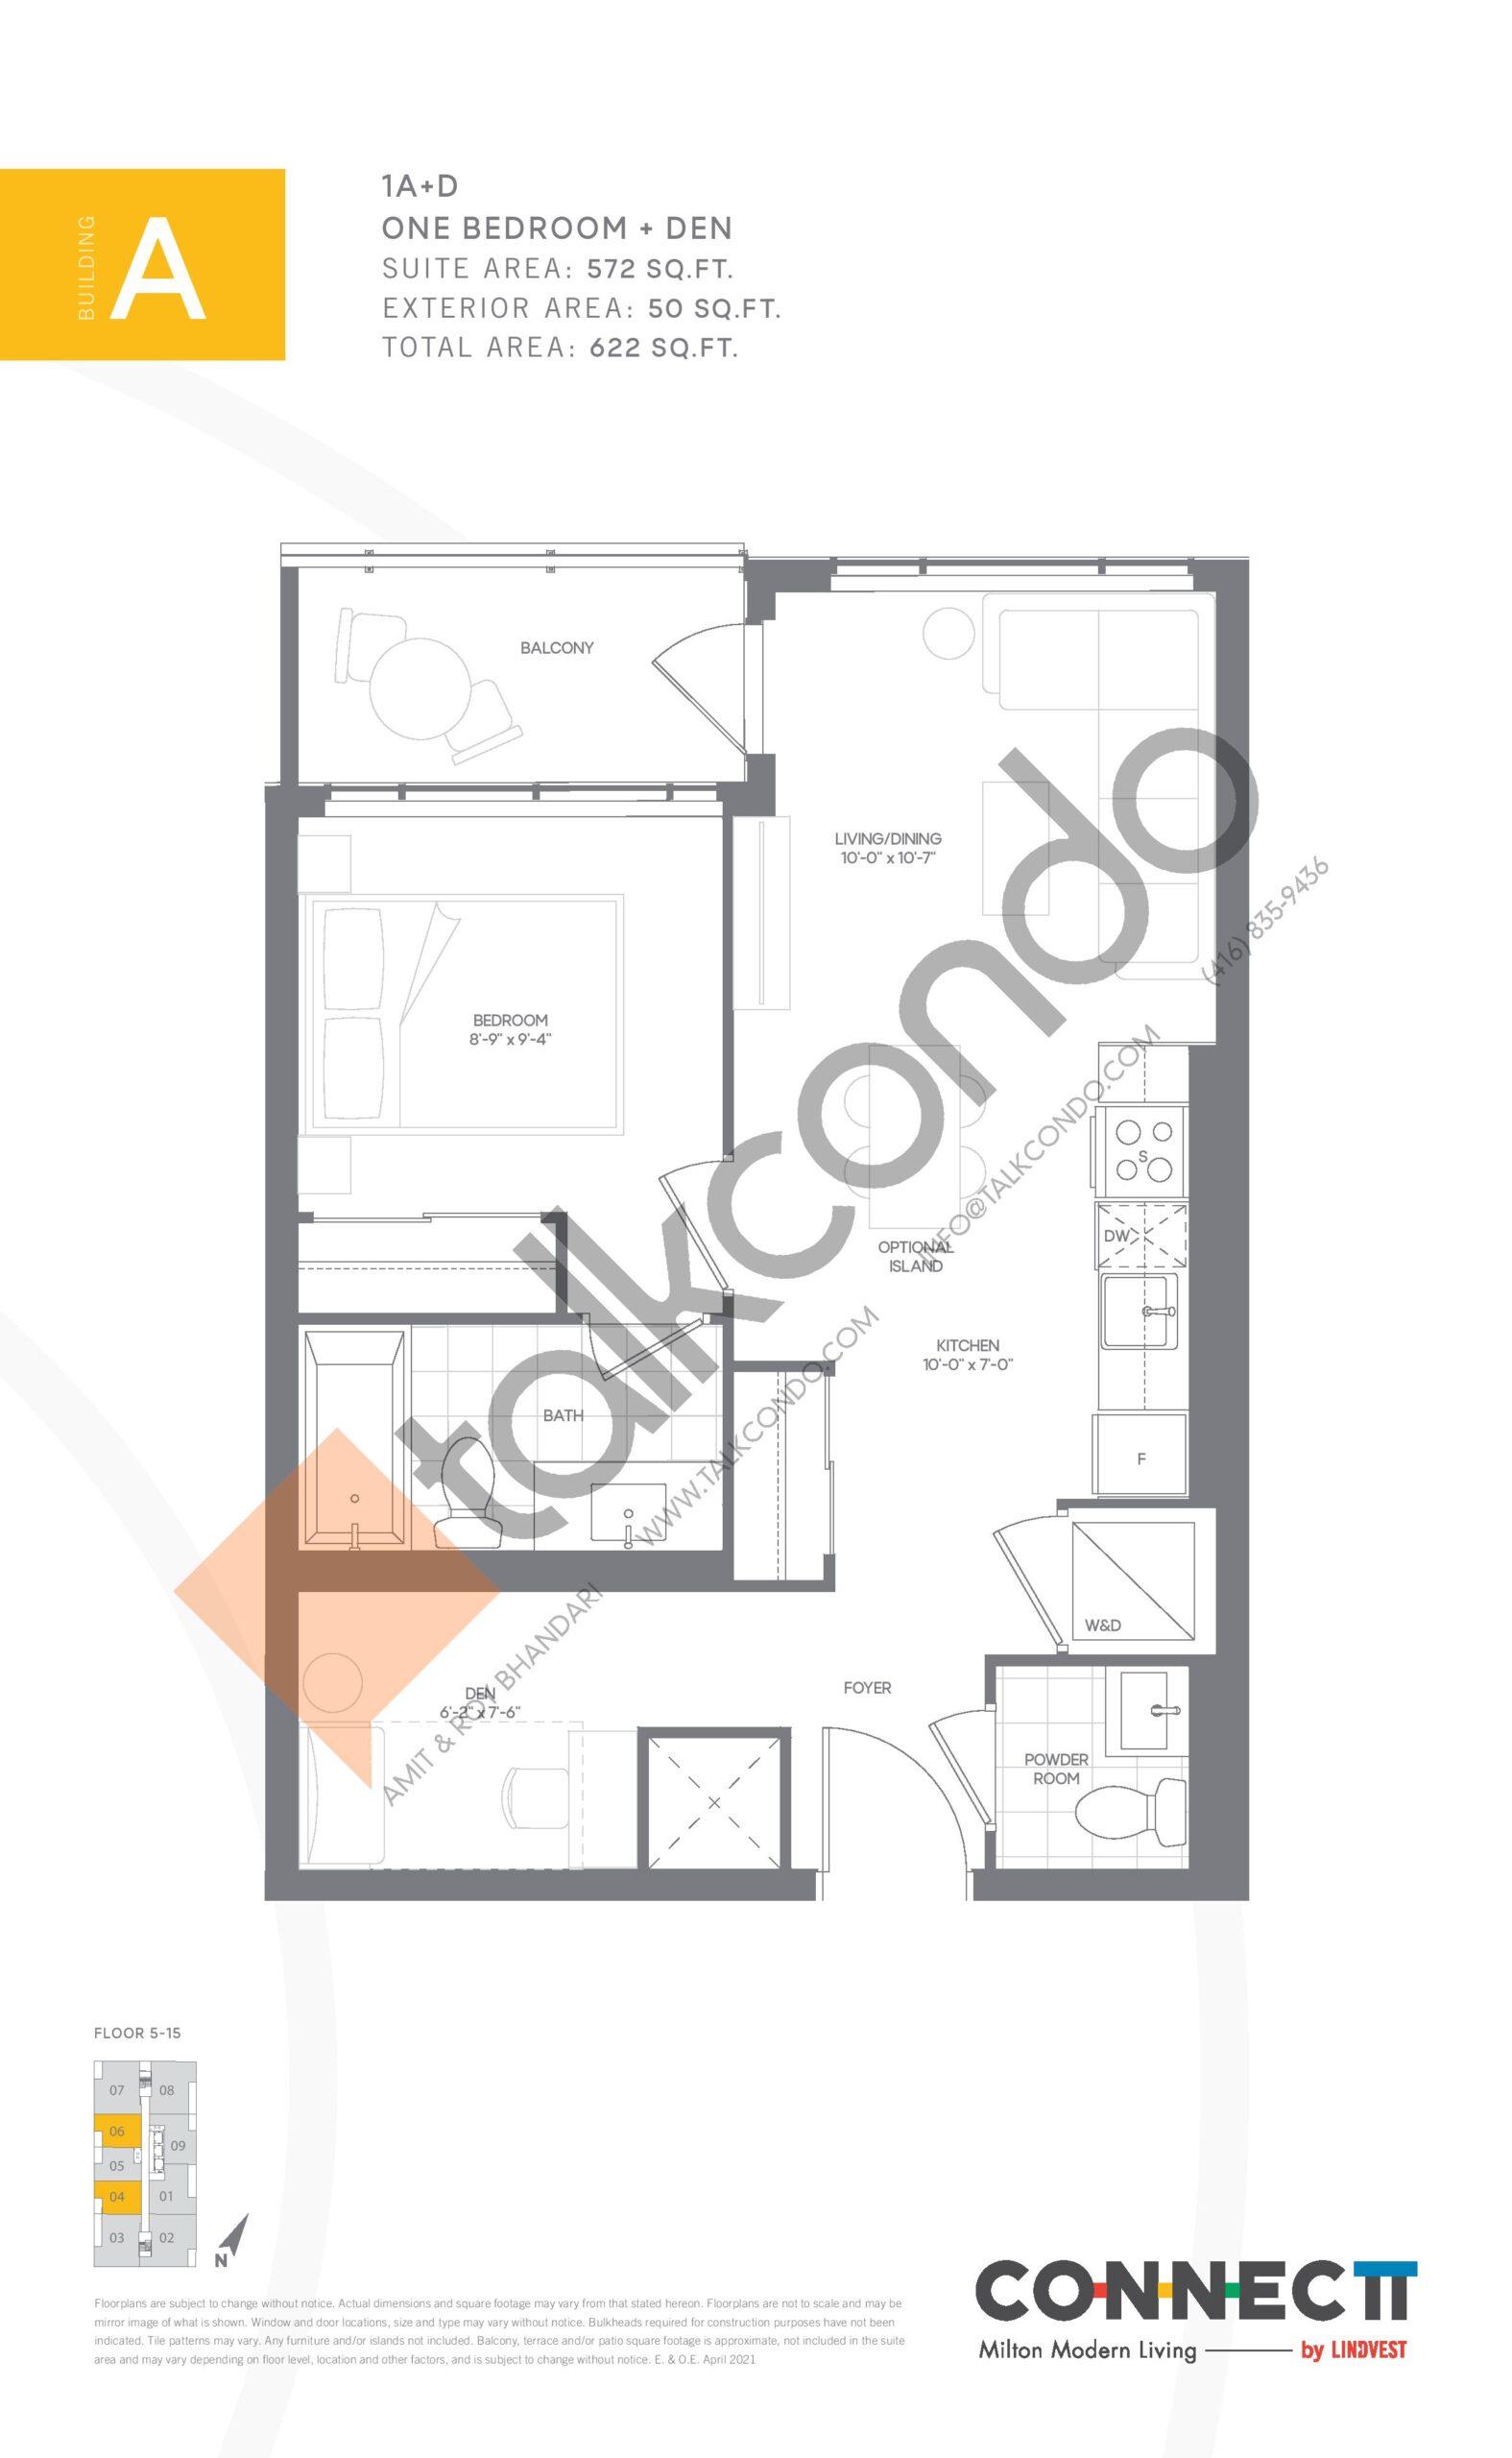 1A+D Floor Plan at Connectt Urban Community Condos - 572 sq.ft